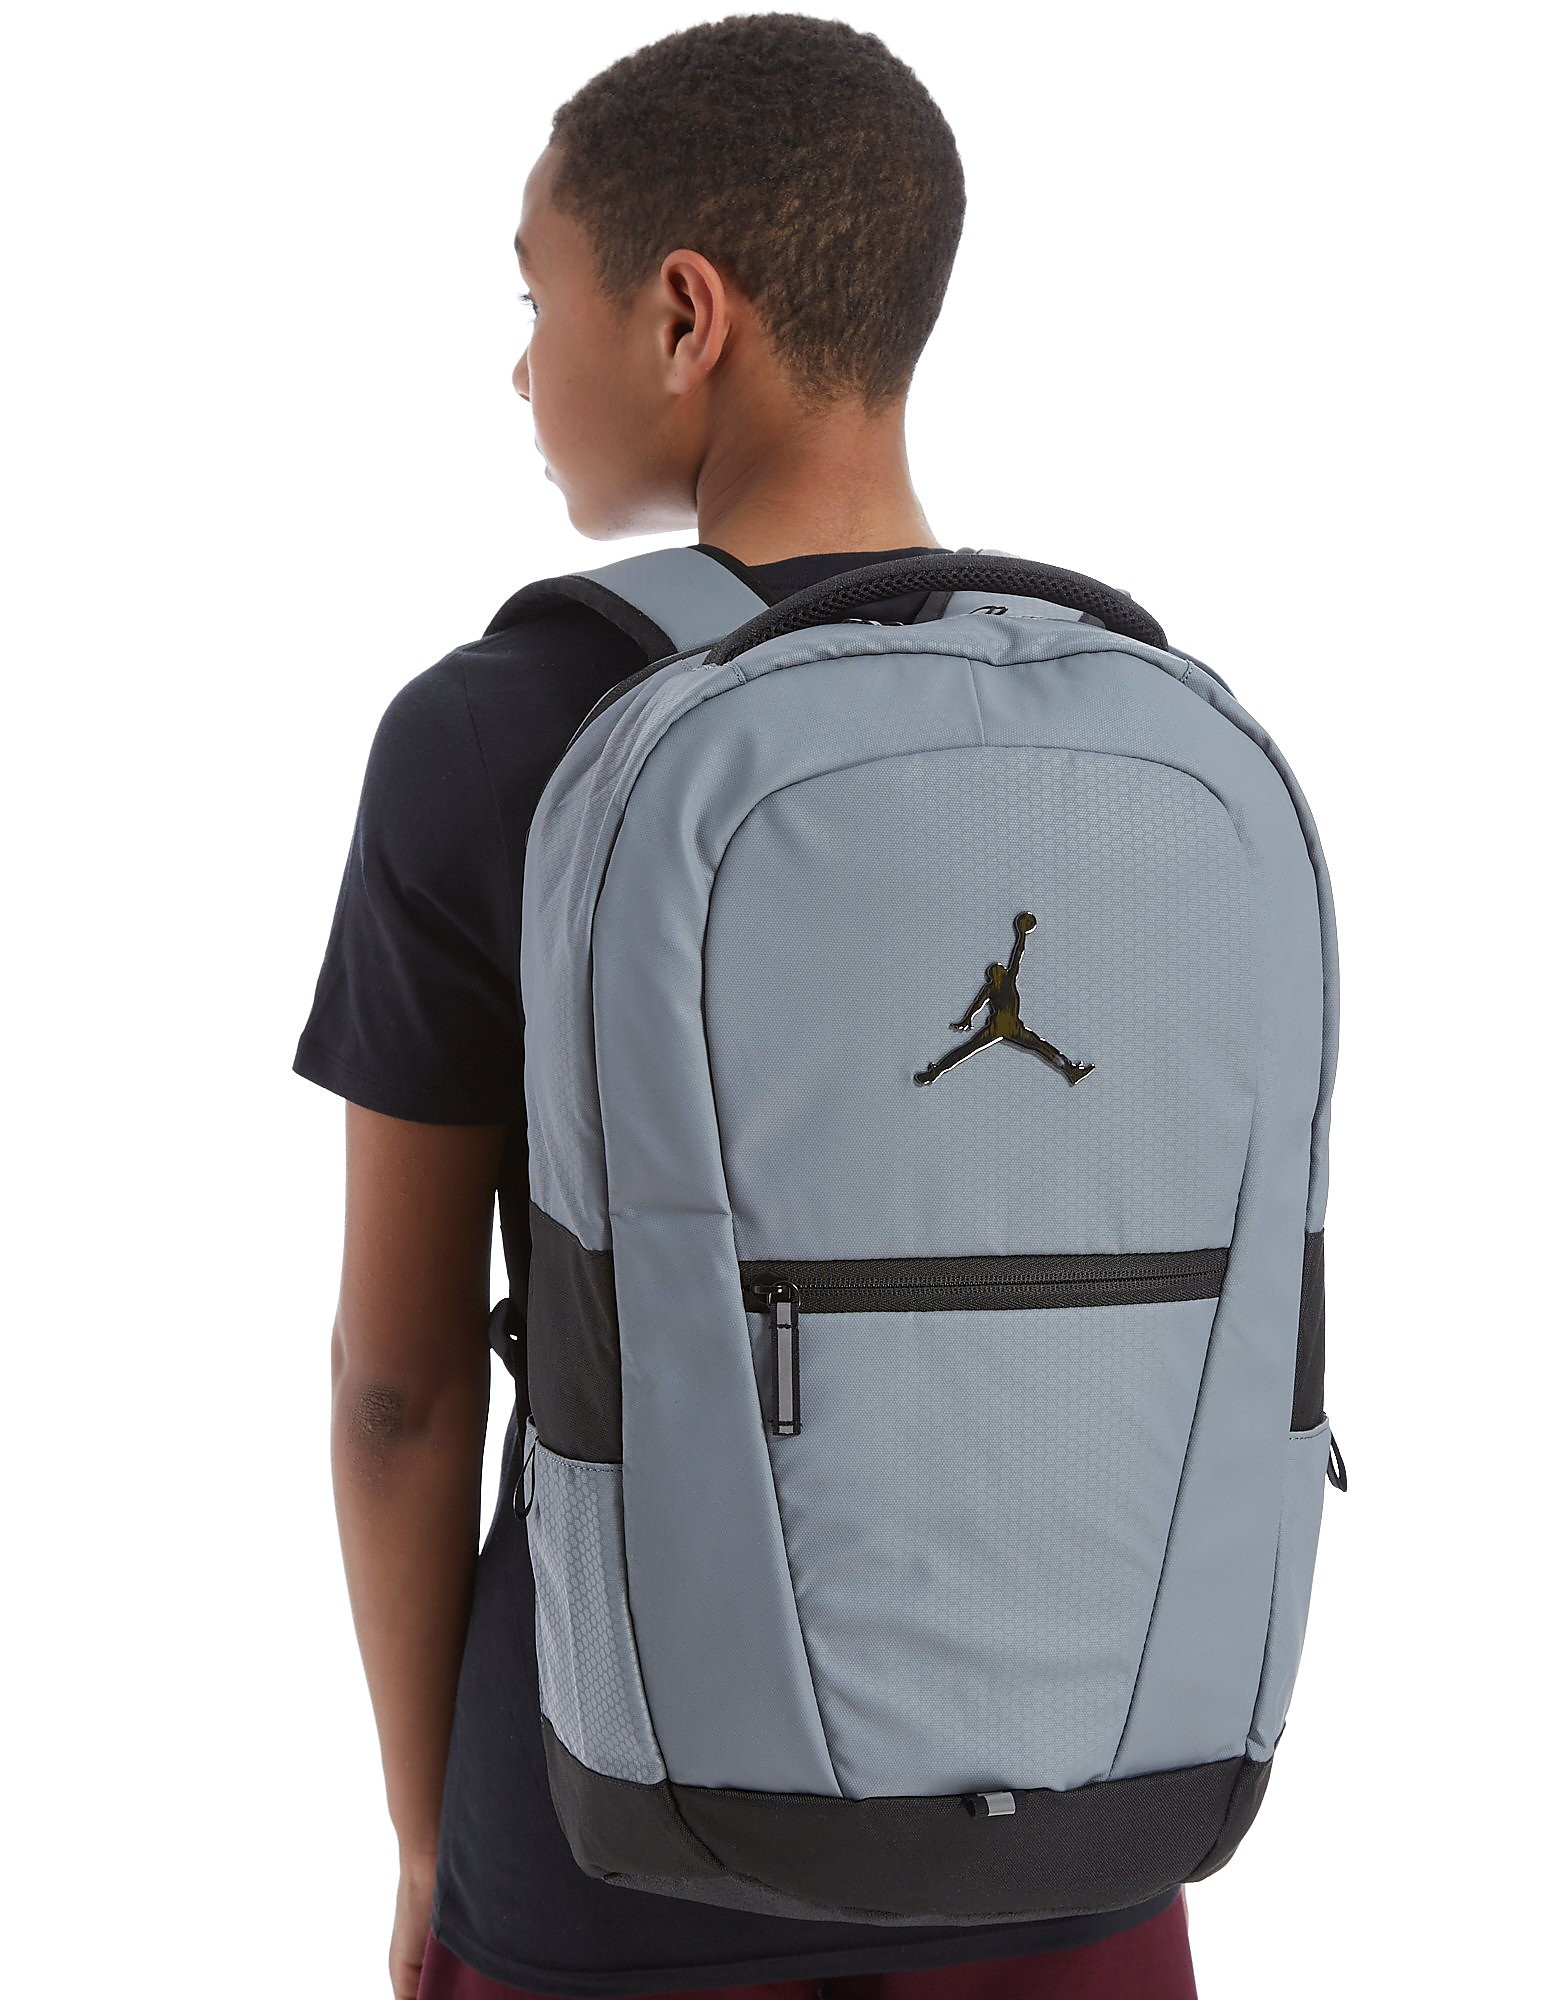 Jordan 110 Backpack